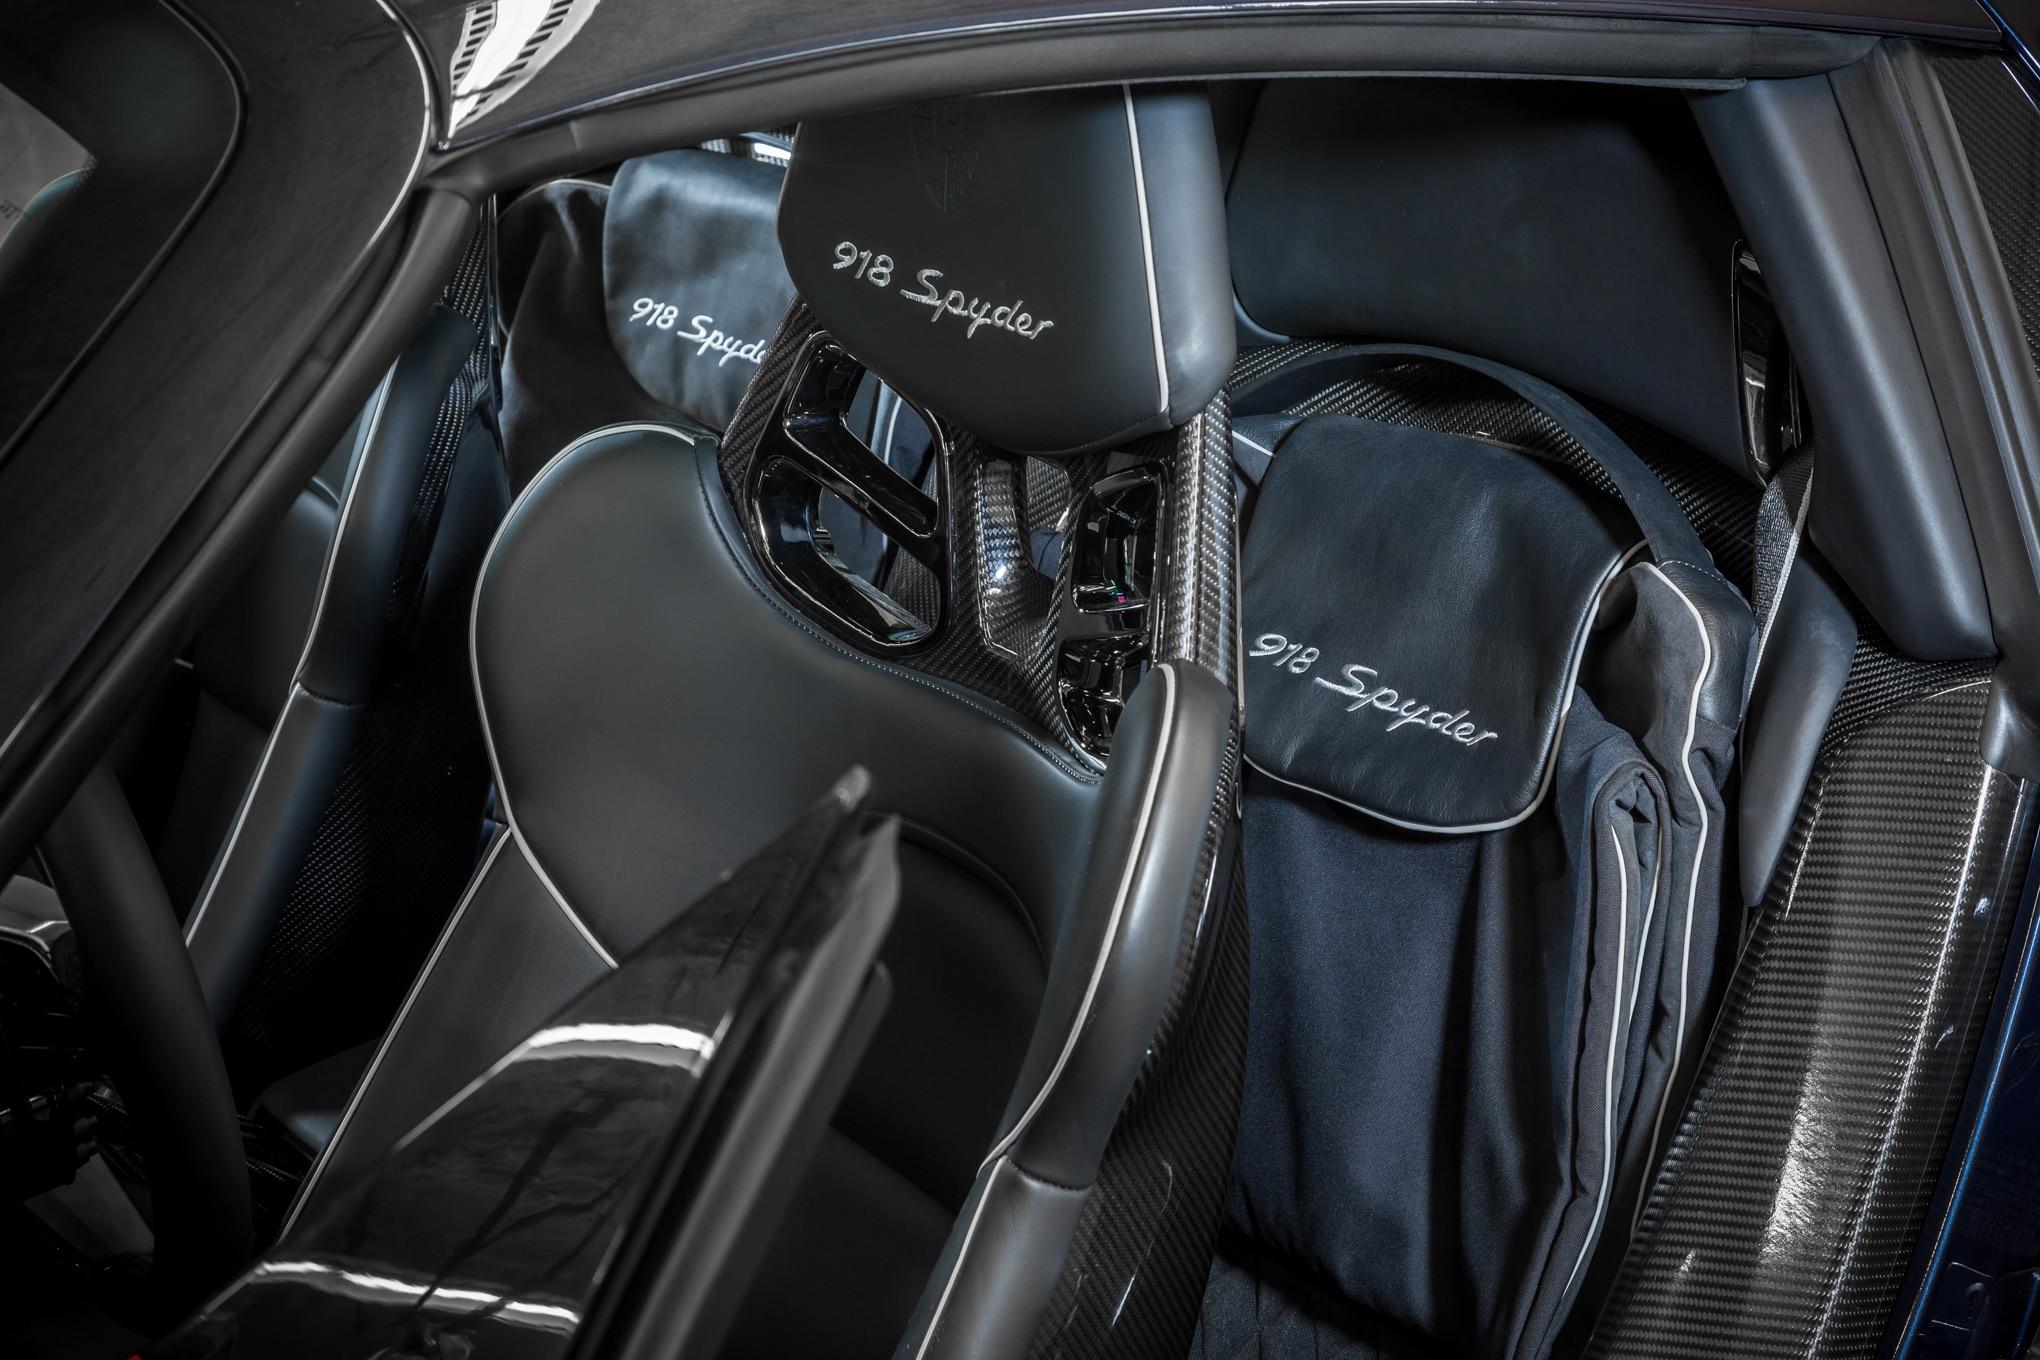 2015 Porsche 918 Spyder Interior Seats